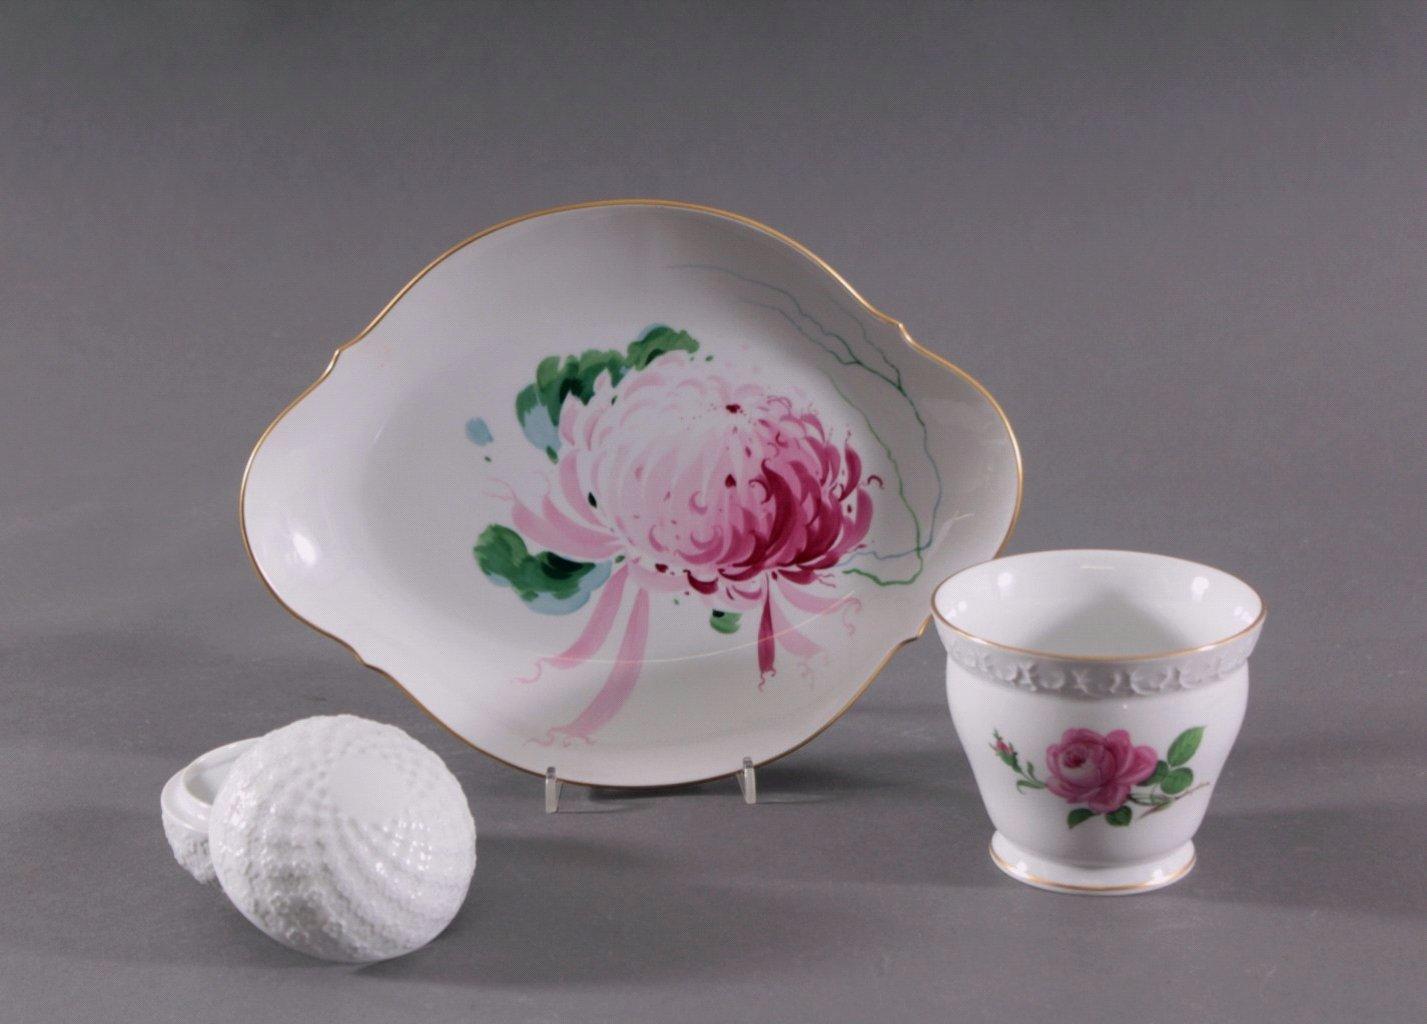 Meissen Porzellan, 3 Teile, 20. Jahrhundert-1